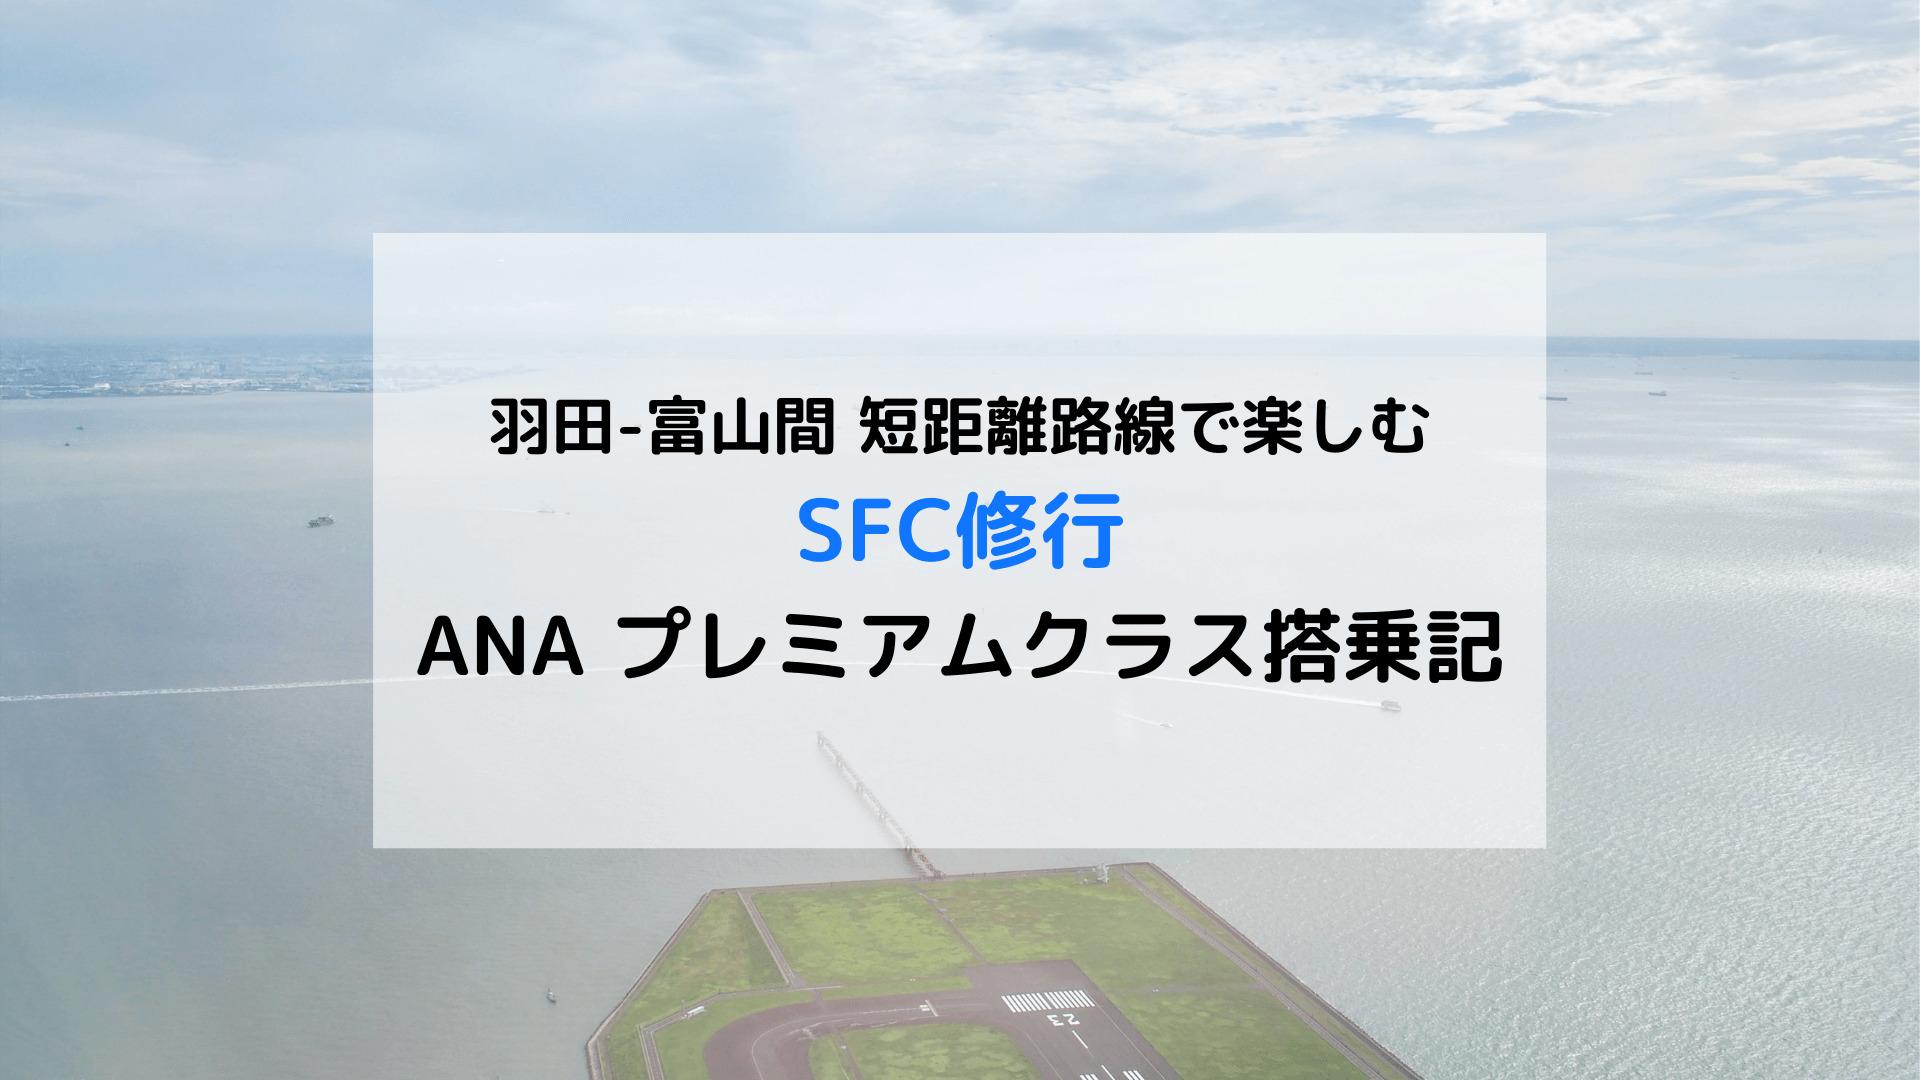 SFC修行 ANA 羽田(HND)-富山(TOY)間 プレミアムクラス搭乗記